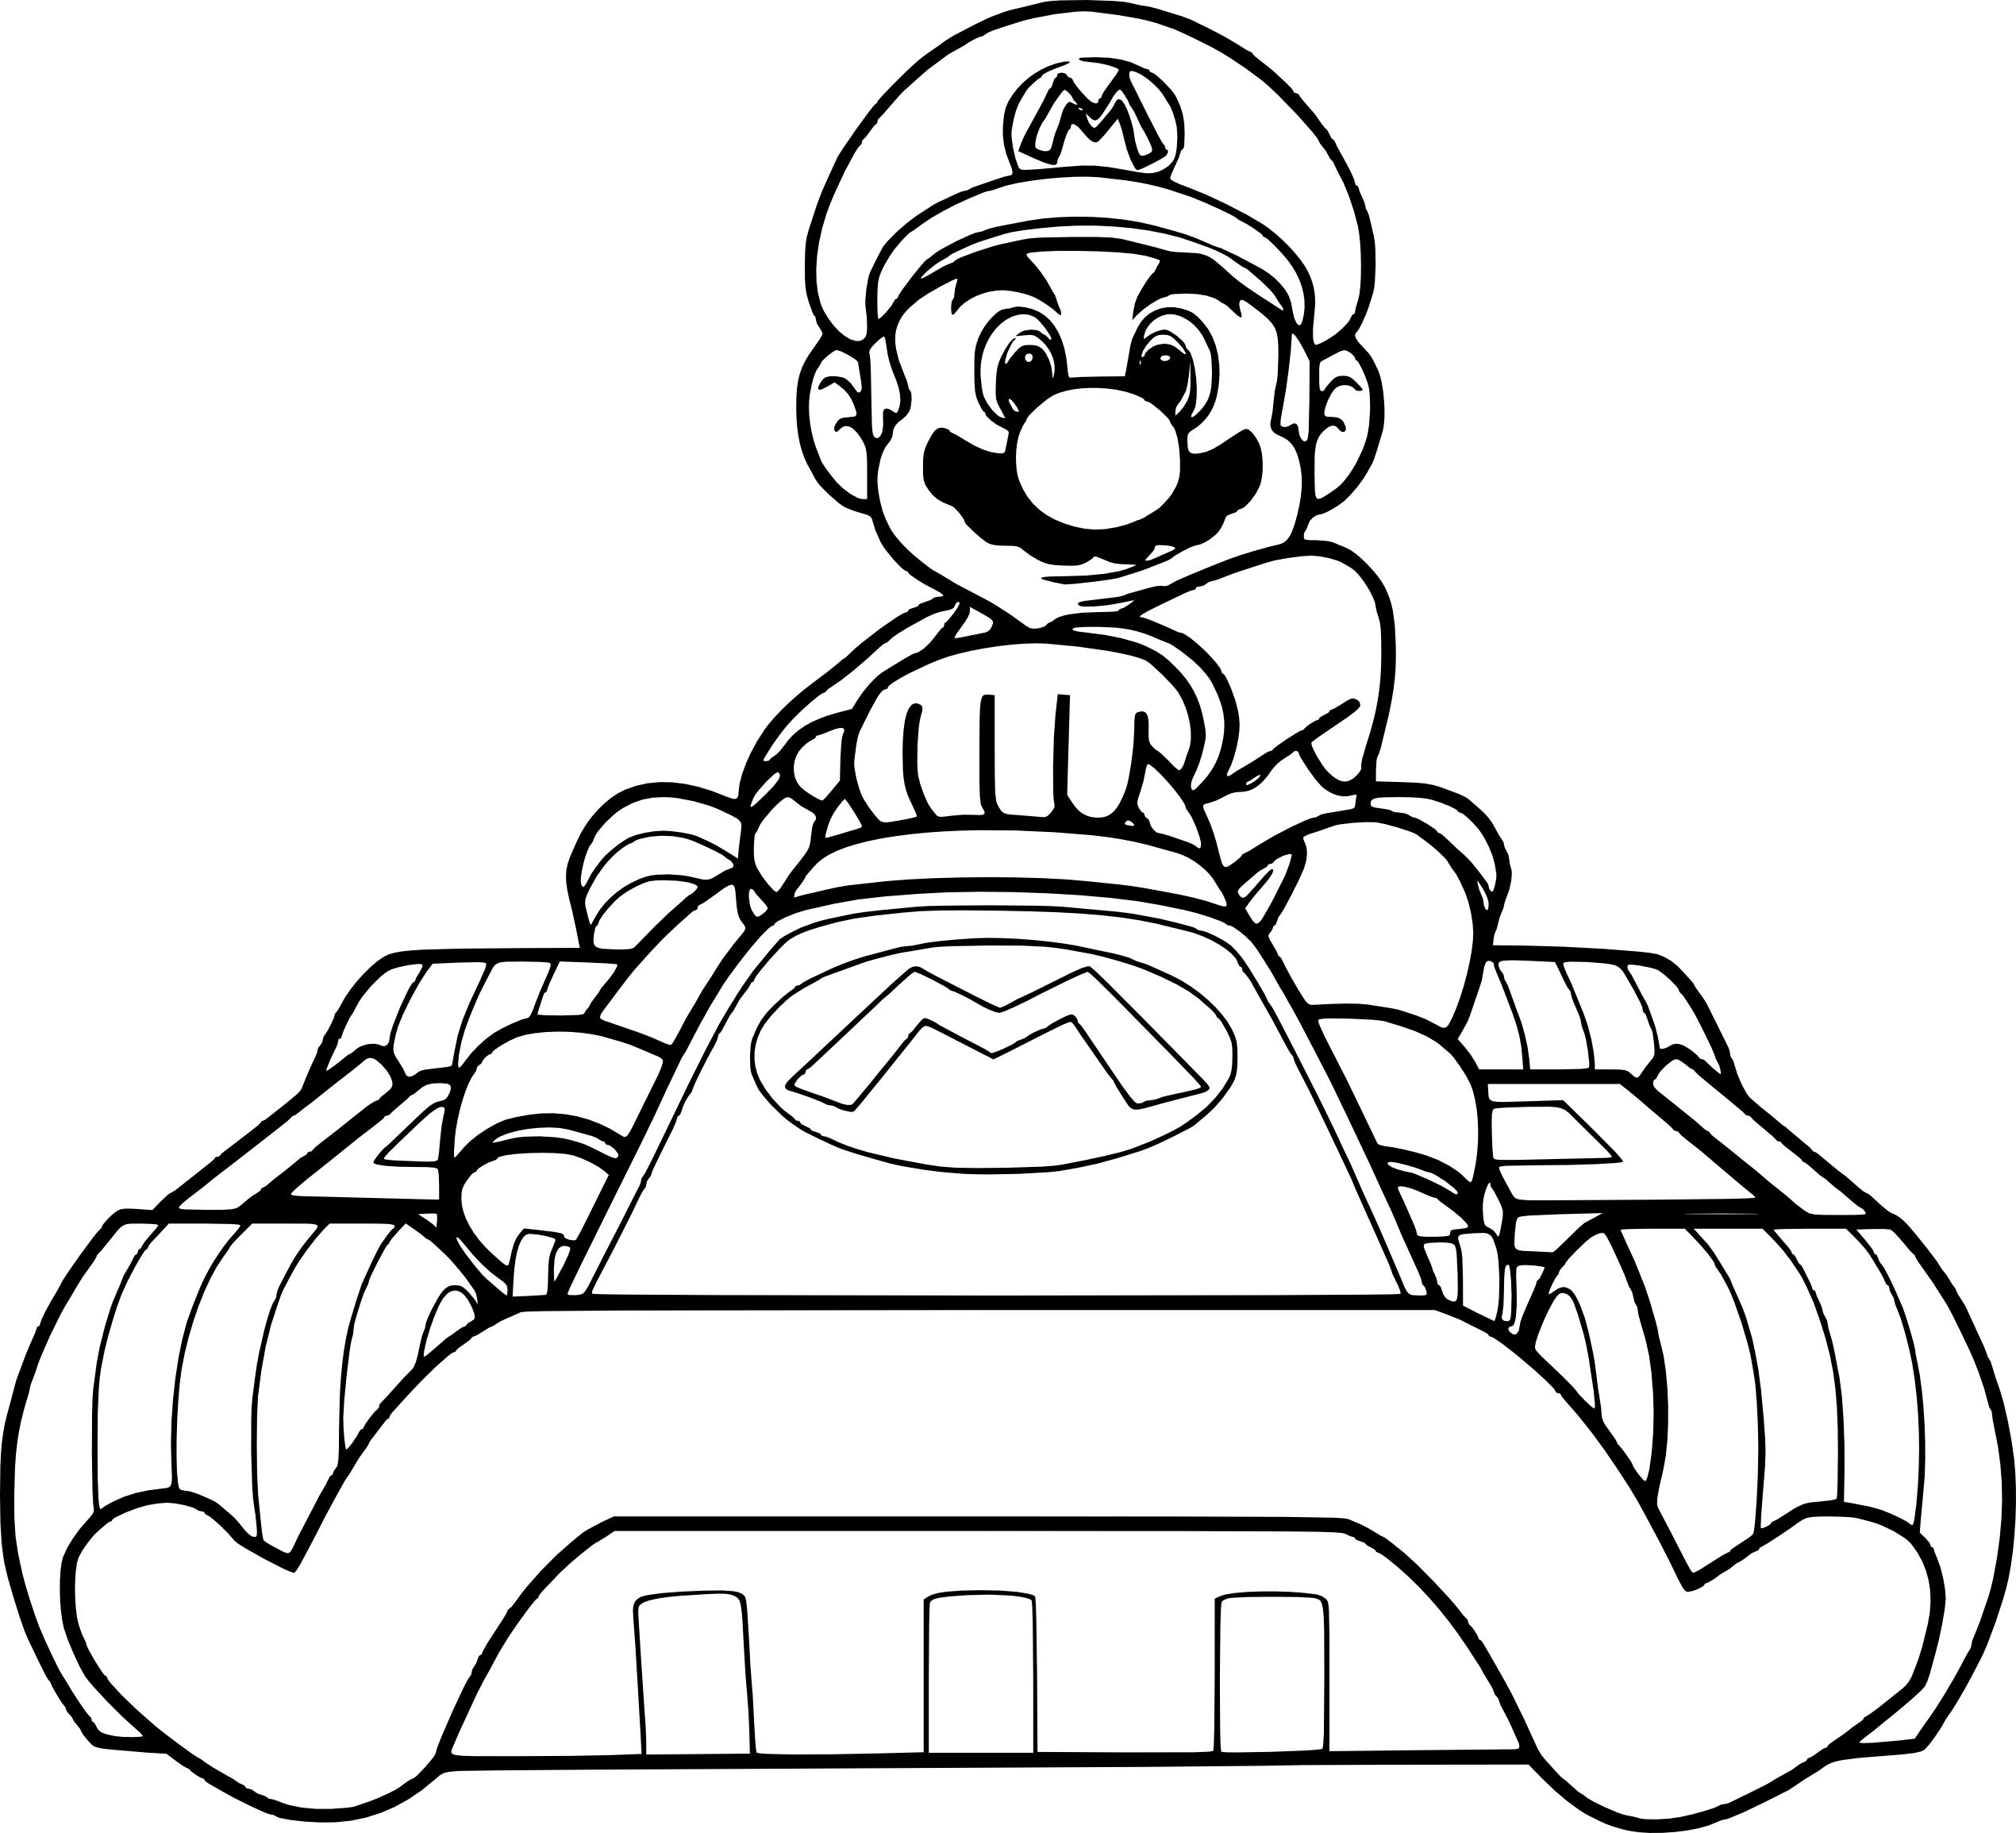 Coloriage Mario Kart à imprimer